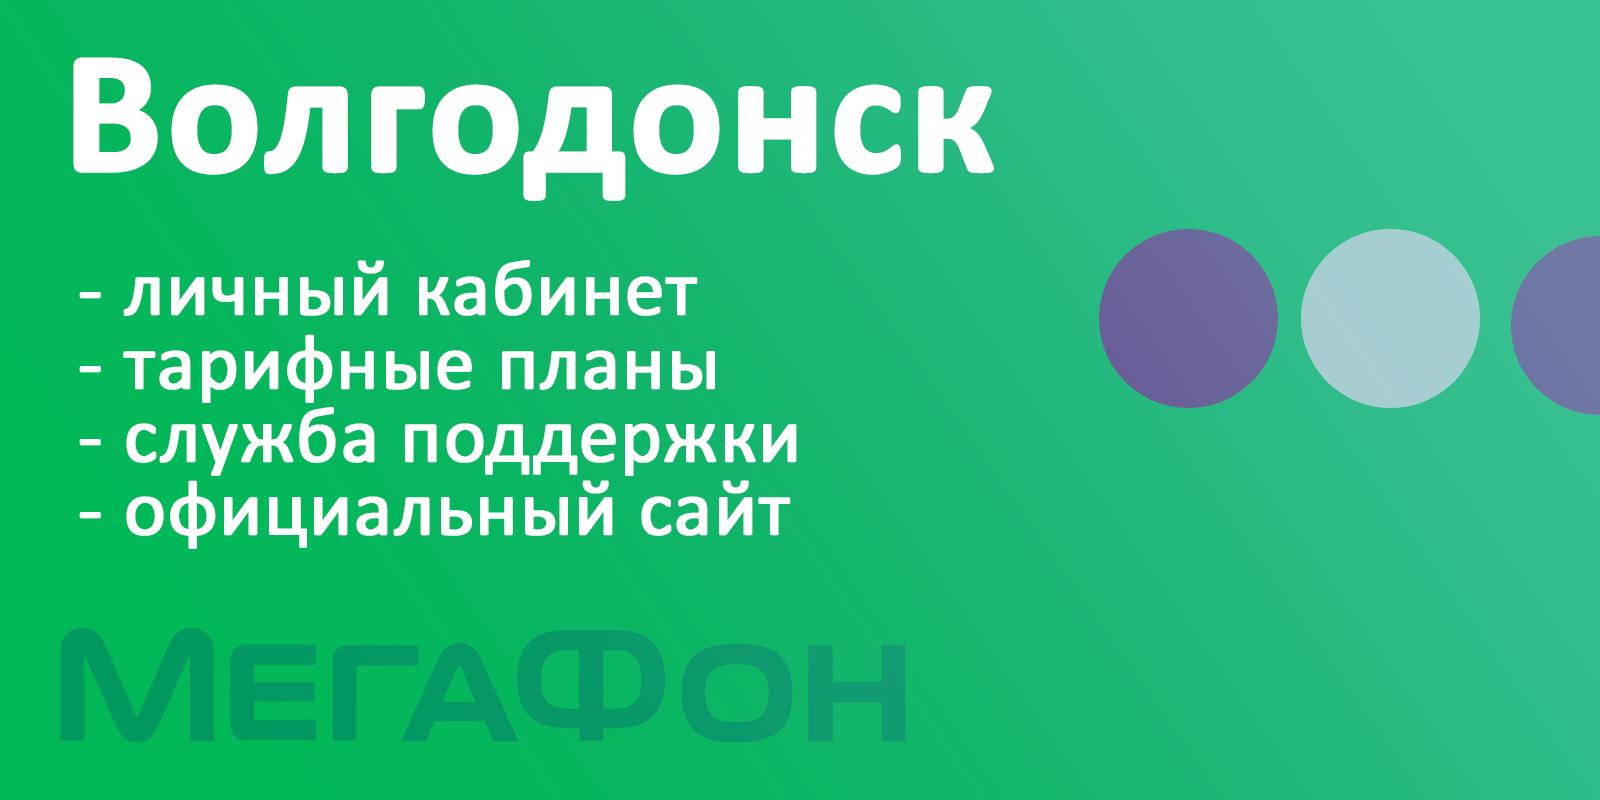 Мегафон Волгодонск - официальный сайт, адреса, каталог товаров